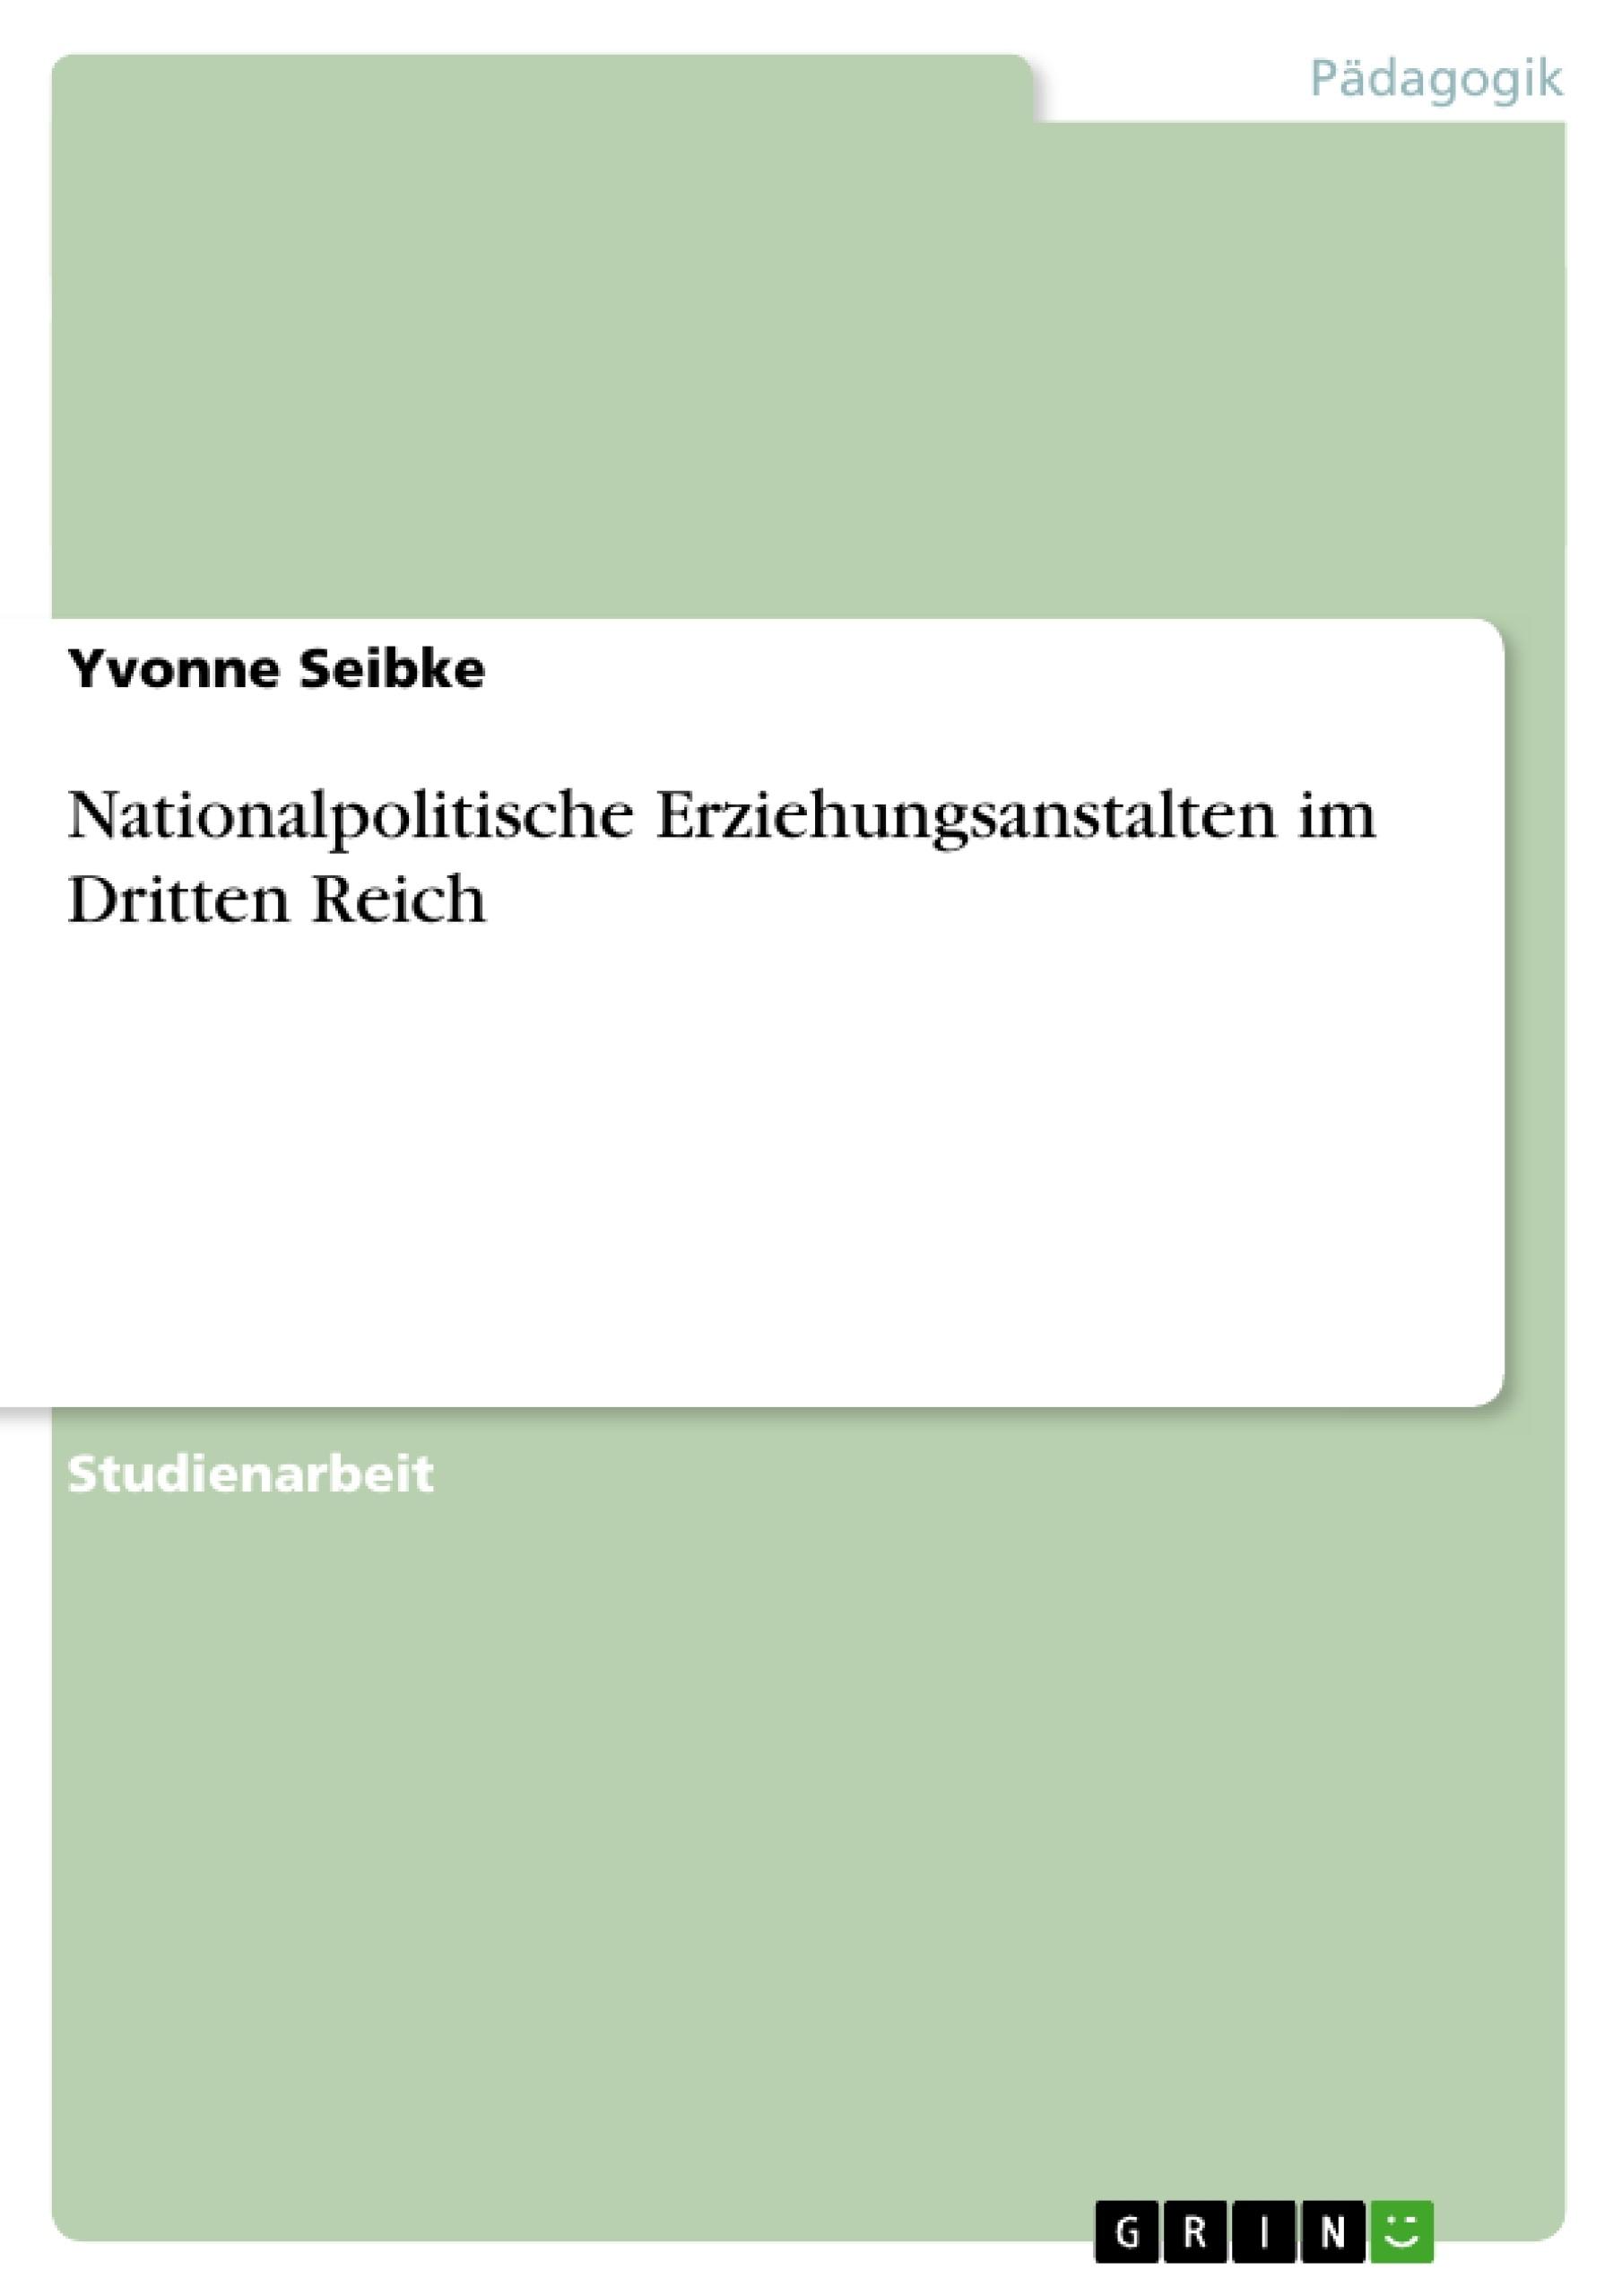 Titel: Nationalpolitische Erziehungsanstalten im Dritten Reich